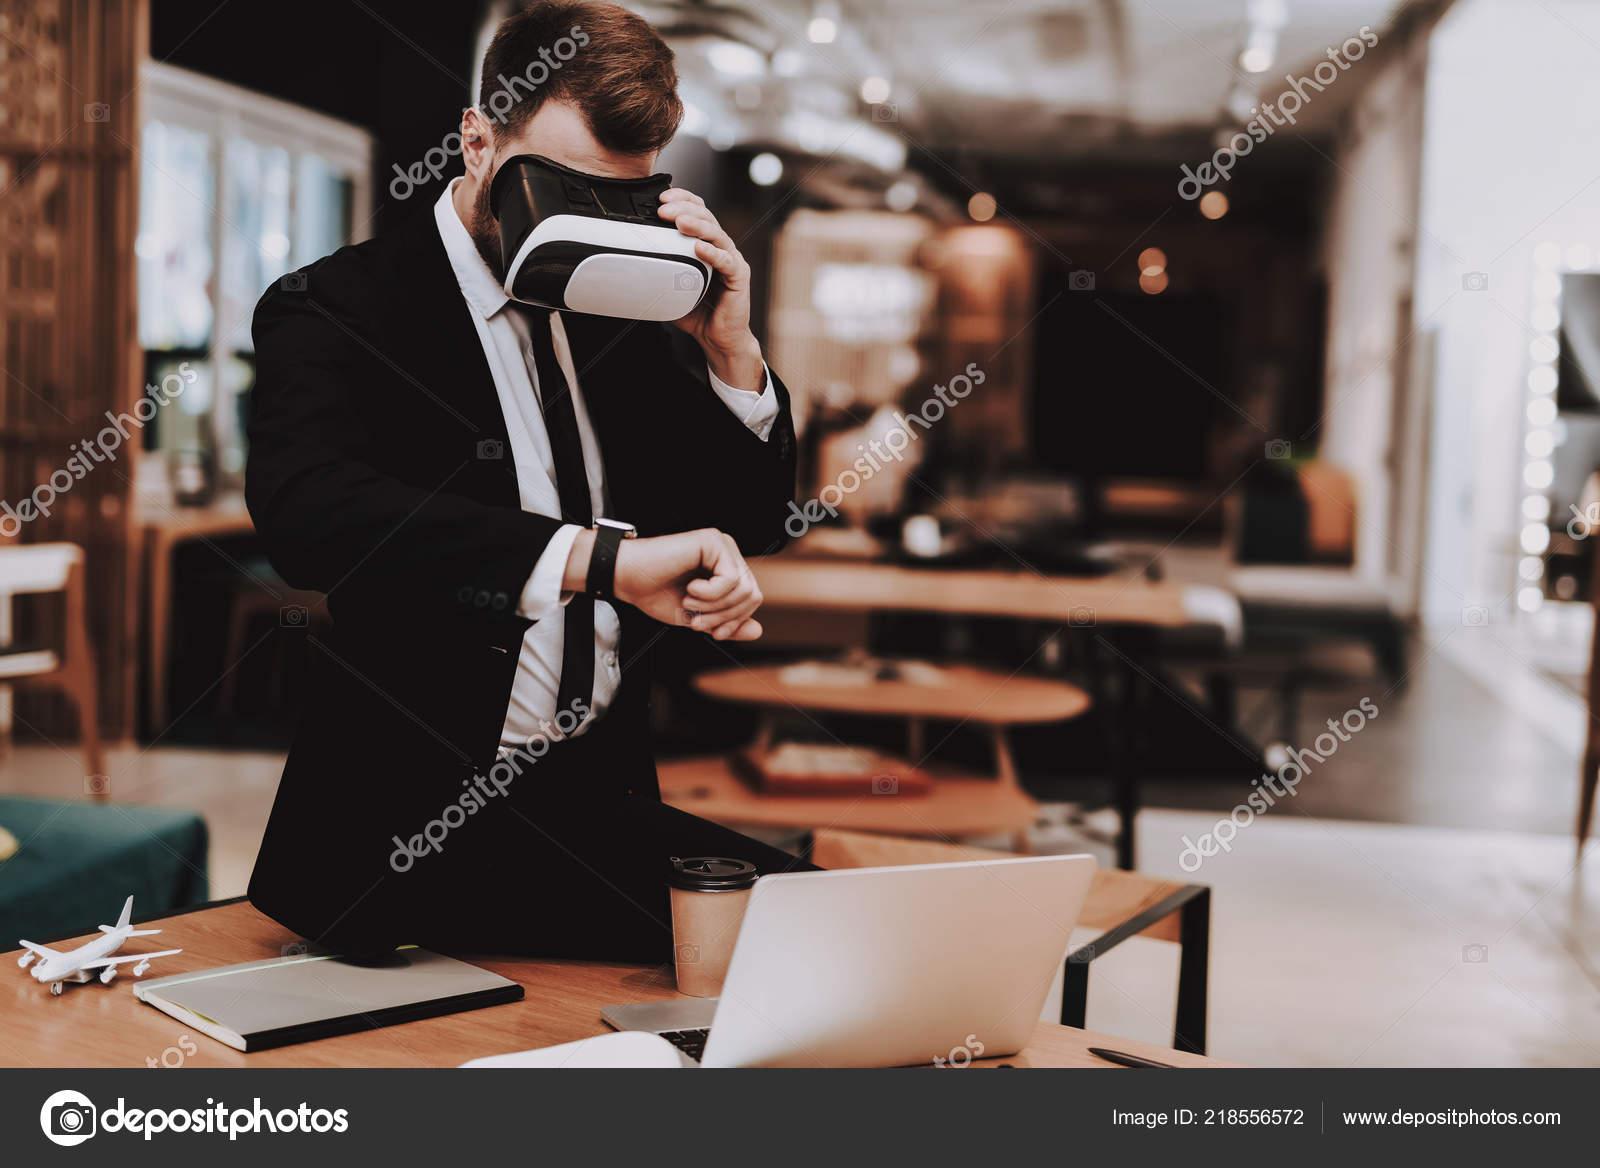 Reloj de pulsera. Juego de negocio. Ordenador portátil. Sit. Lluvia de  ideas. Chico joven. Hombre de negocios. Trabajo en oficina. Trabajador  creativo. 0cc98333d390